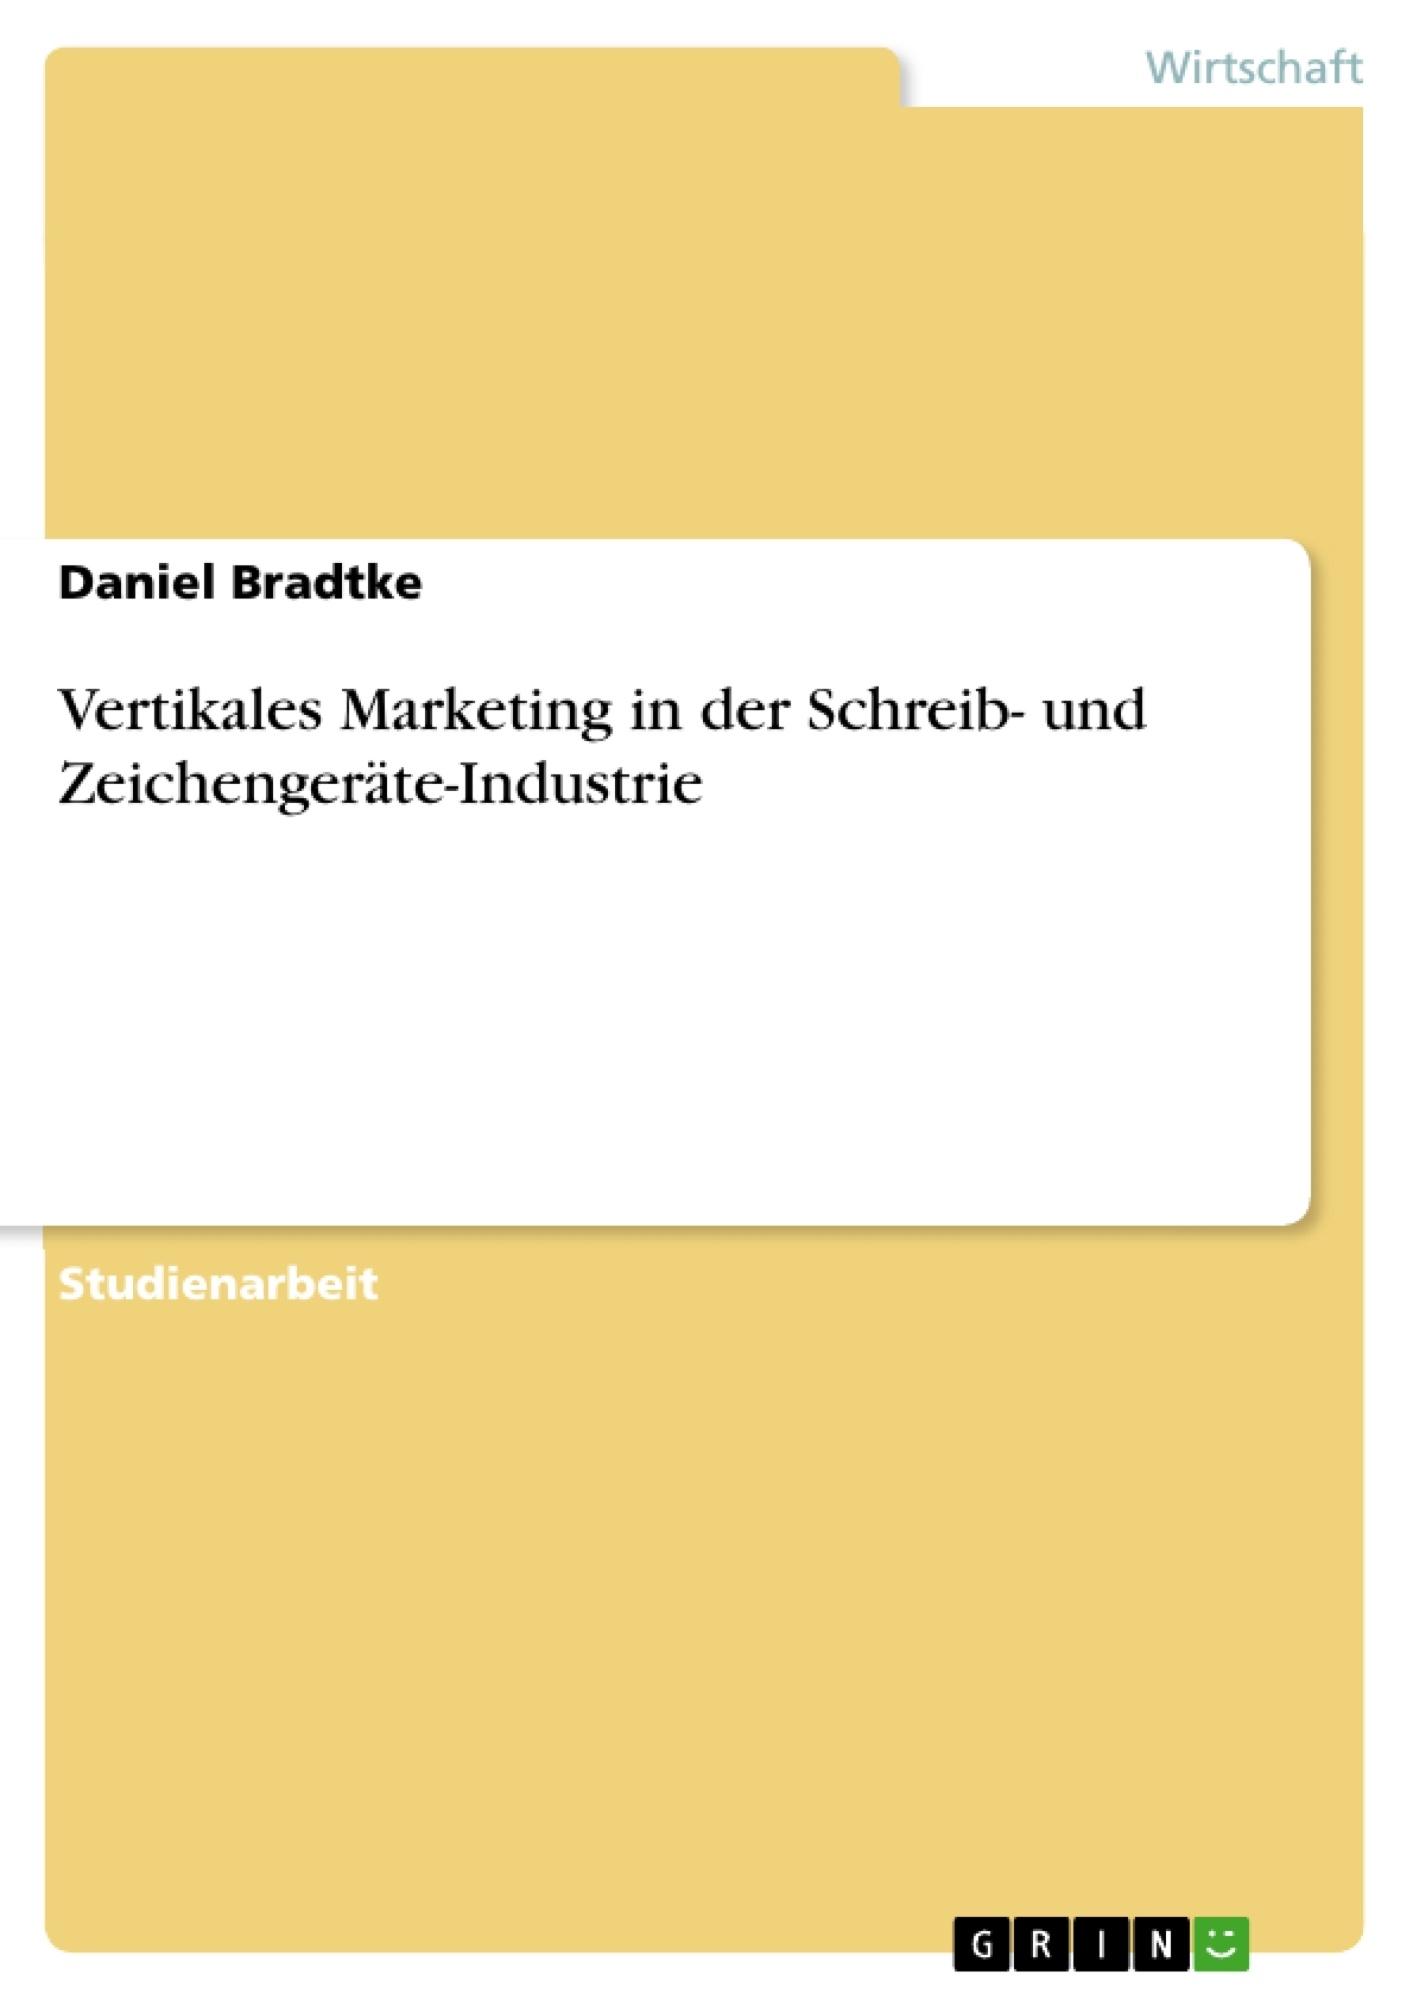 Titel: Vertikales Marketing in der Schreib- und Zeichengeräte-Industrie